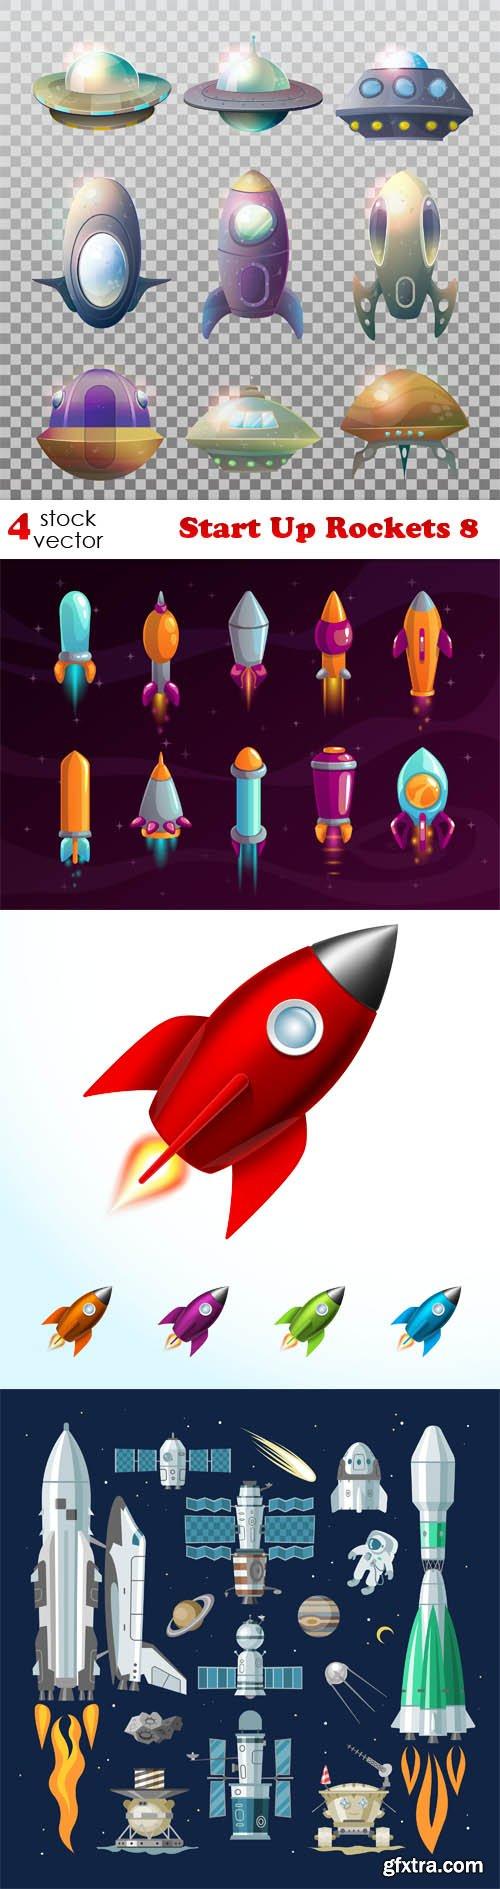 Vectors - Start Up Rockets 8